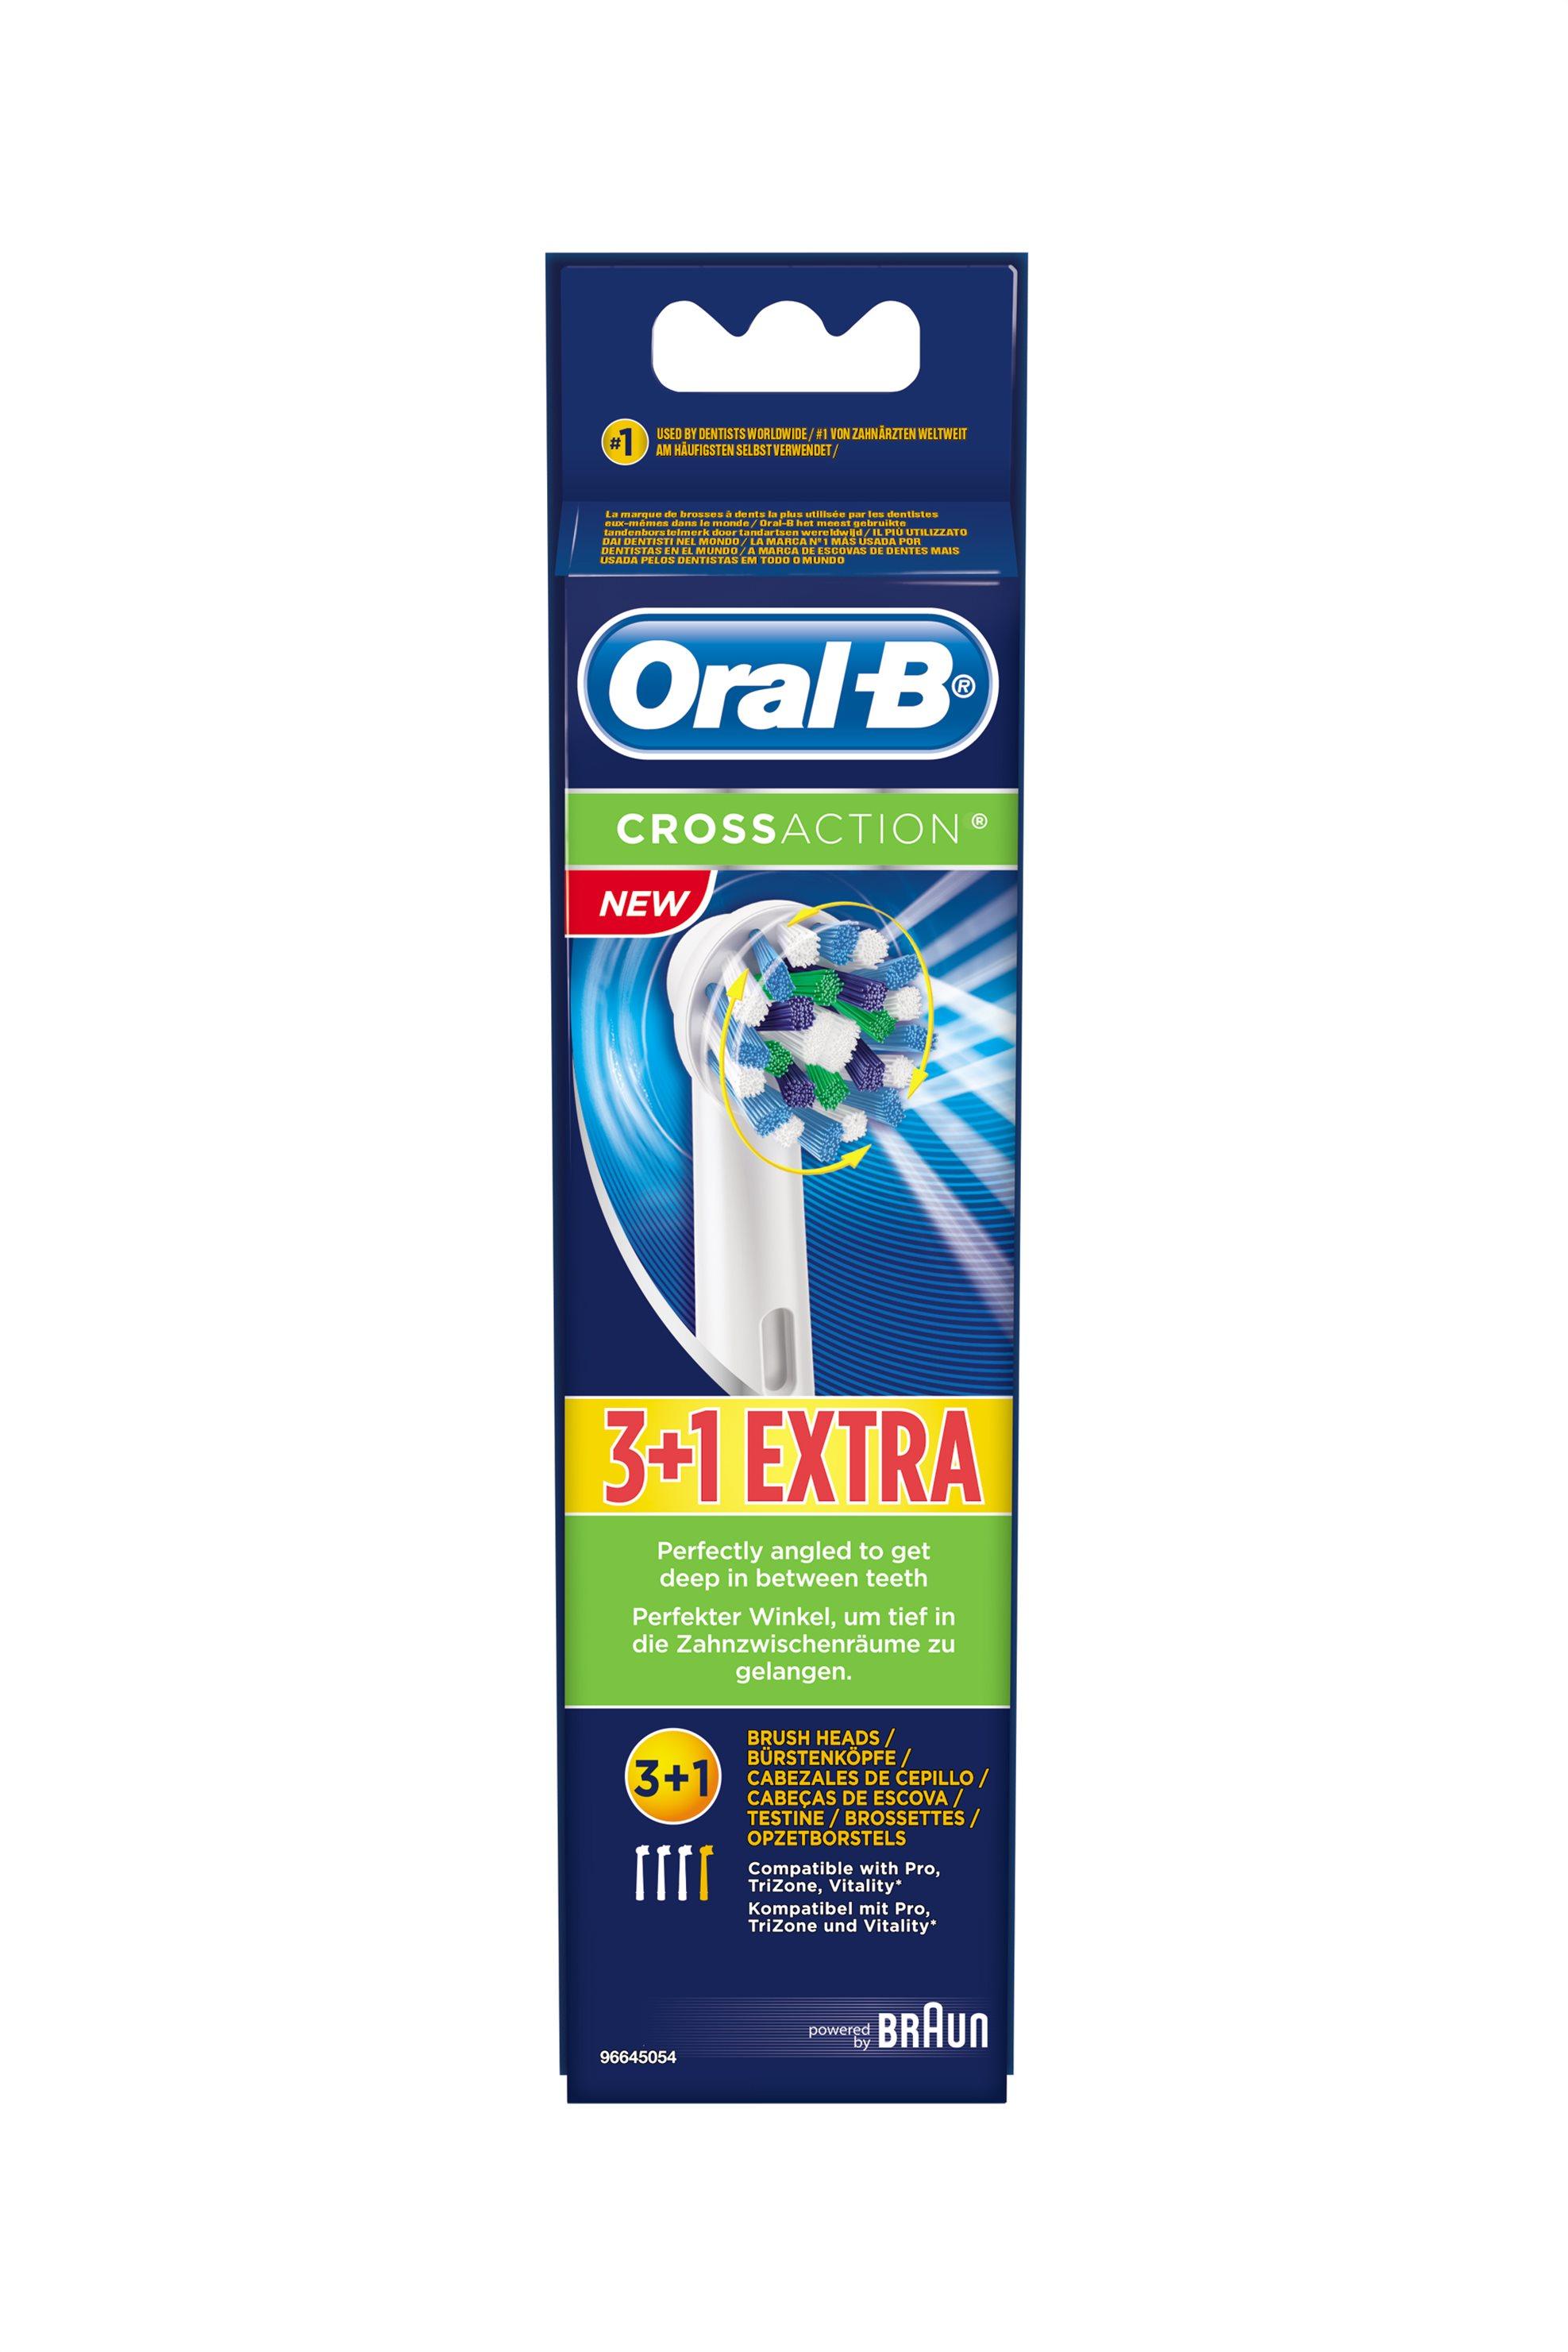 Ανταλλακτικές Κεφαλές Oral-b Cross Action 3+1 Braun - EB50-4/3 home   συσκευεσ περιποιησησ   ηλεκτρικές οδοντόβουρτσες